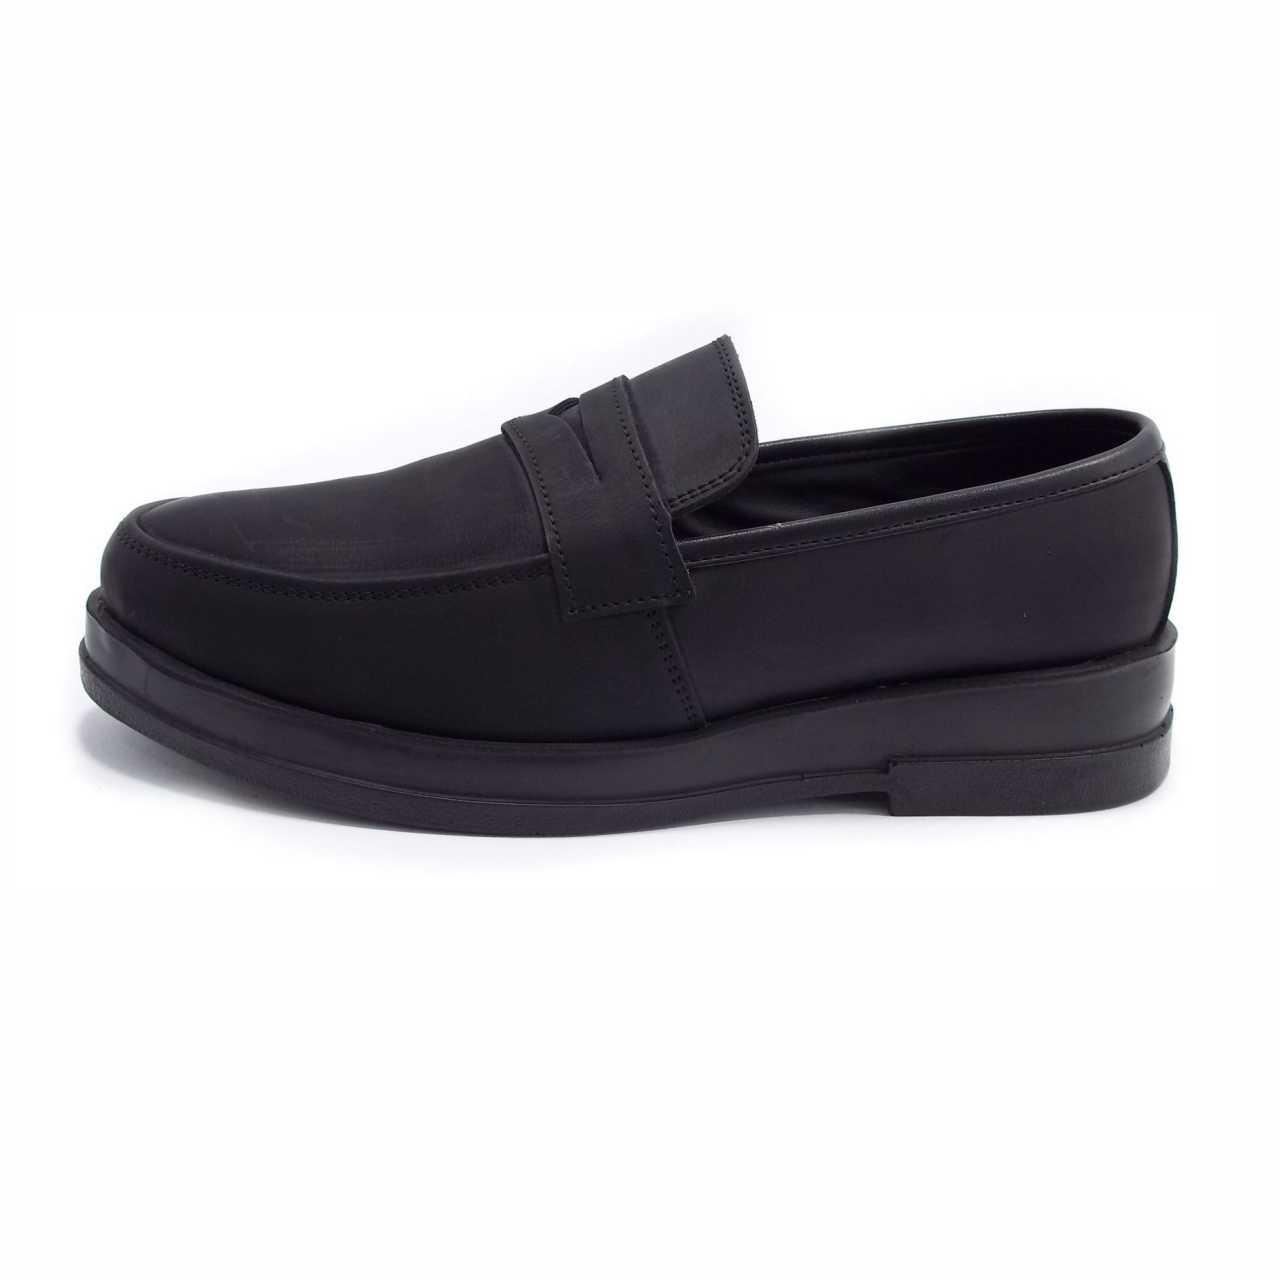 کفش کالج مدل فرمال ساده مشکی